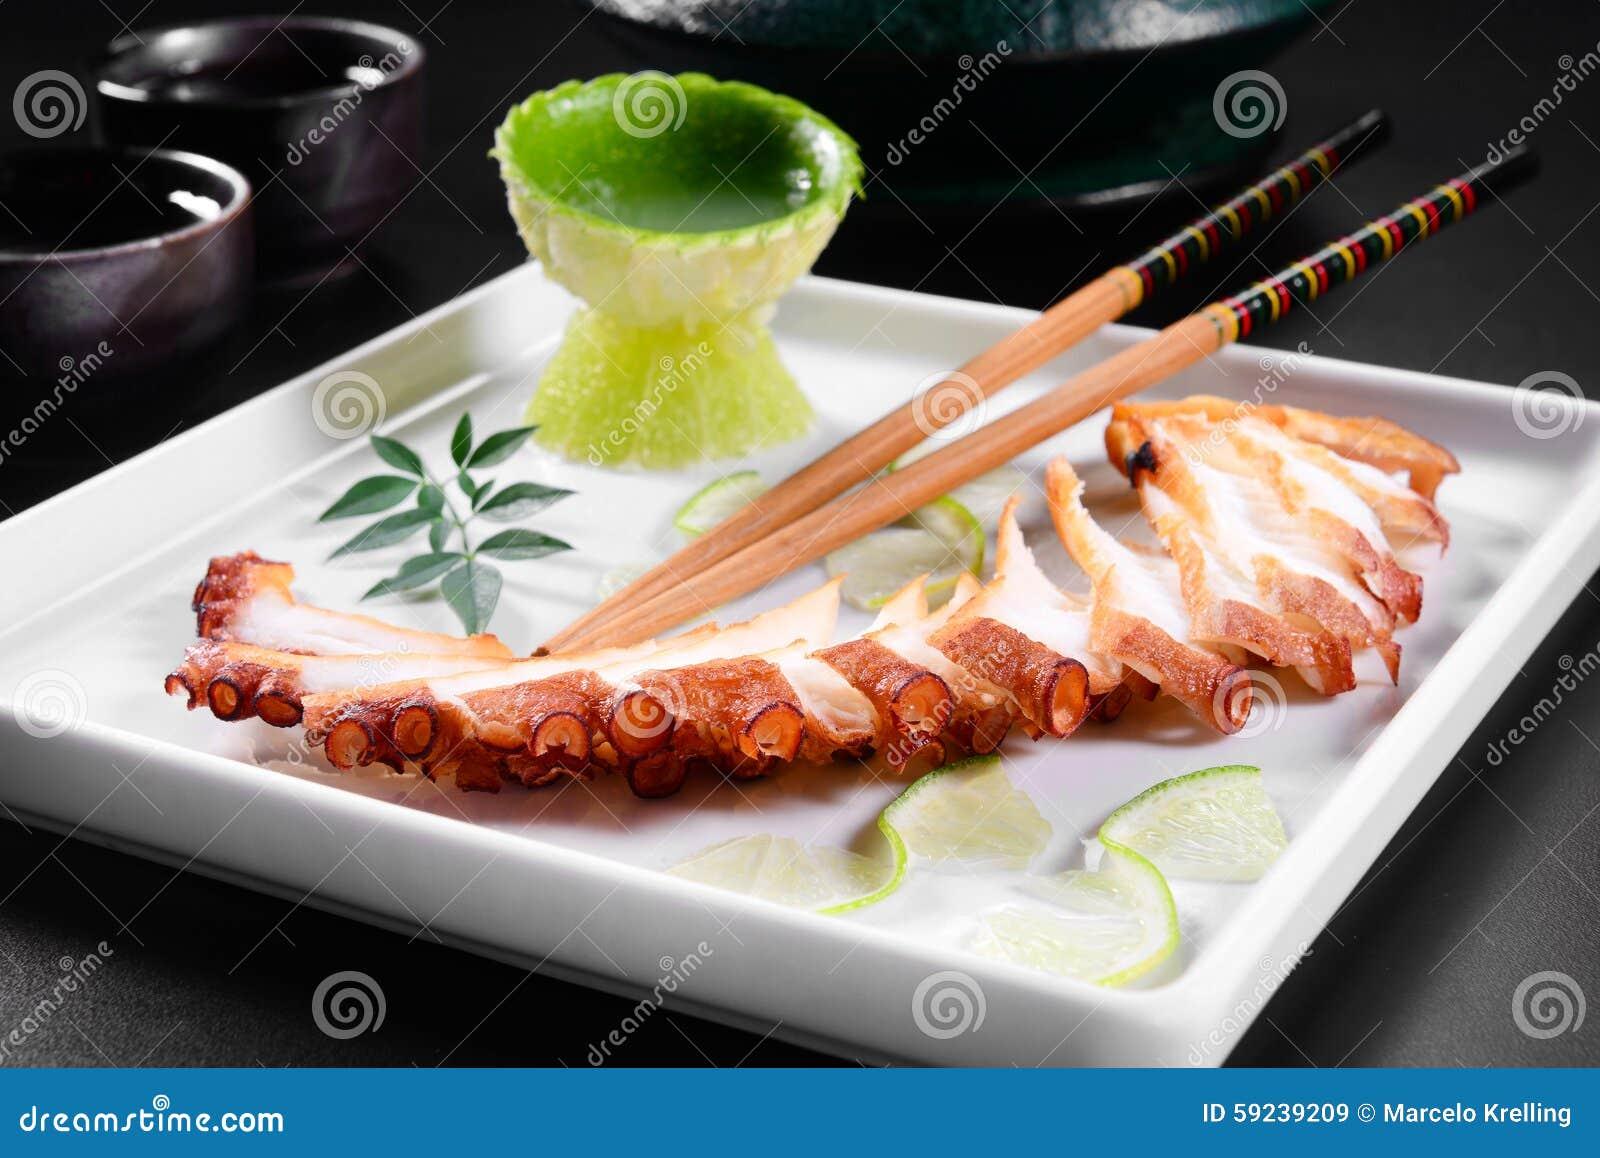 Download Pulpo imagen de archivo. Imagen de cocinado, sano, mediterráneo - 59239209